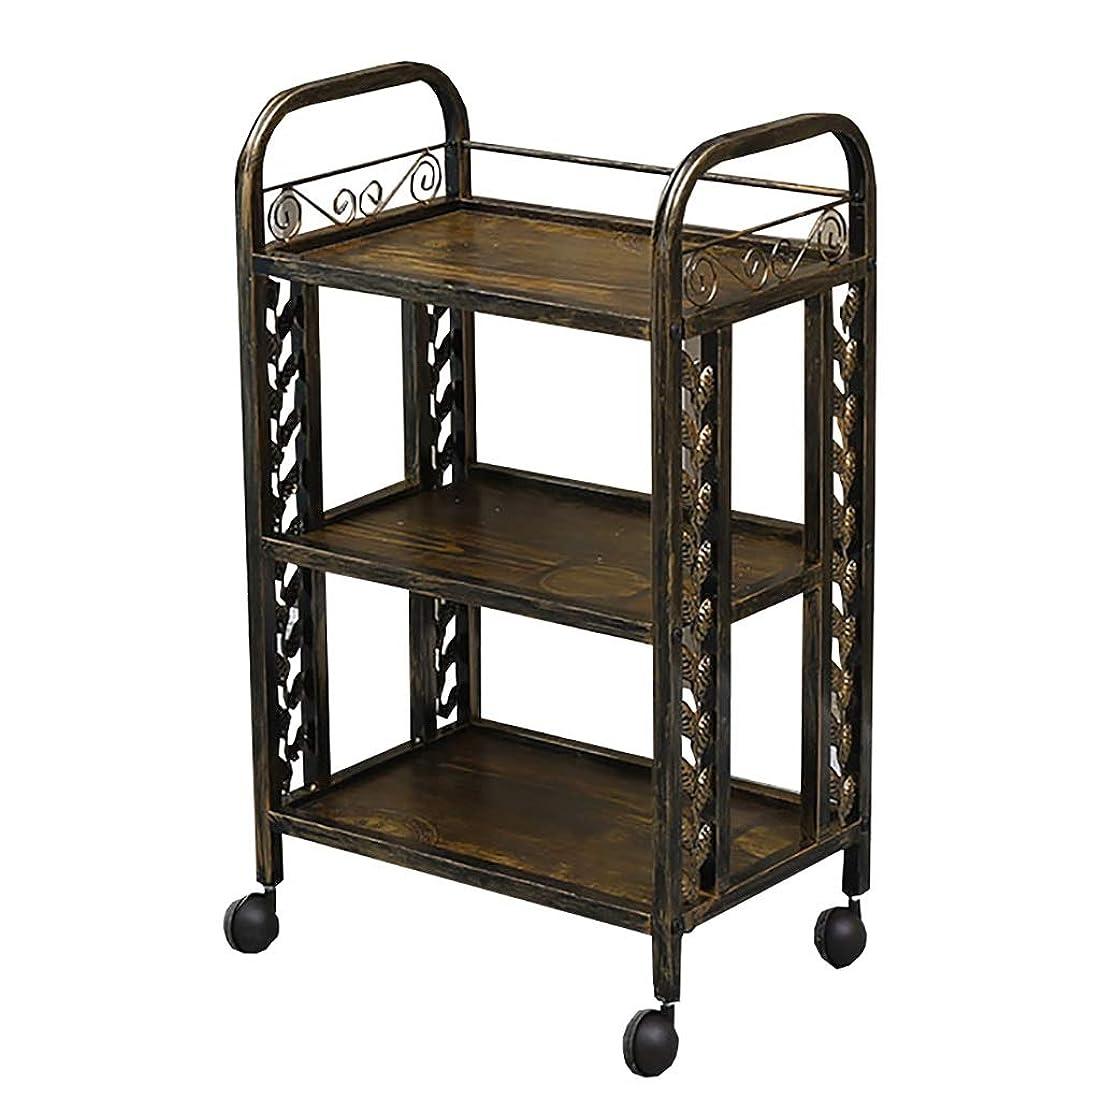 抽選家具見物人美容院のカート、美容院の特別なカートの棚の移動式道具のカートのABSプラスチック多機能カート、49 * 32 * 82 cm (色 : B)